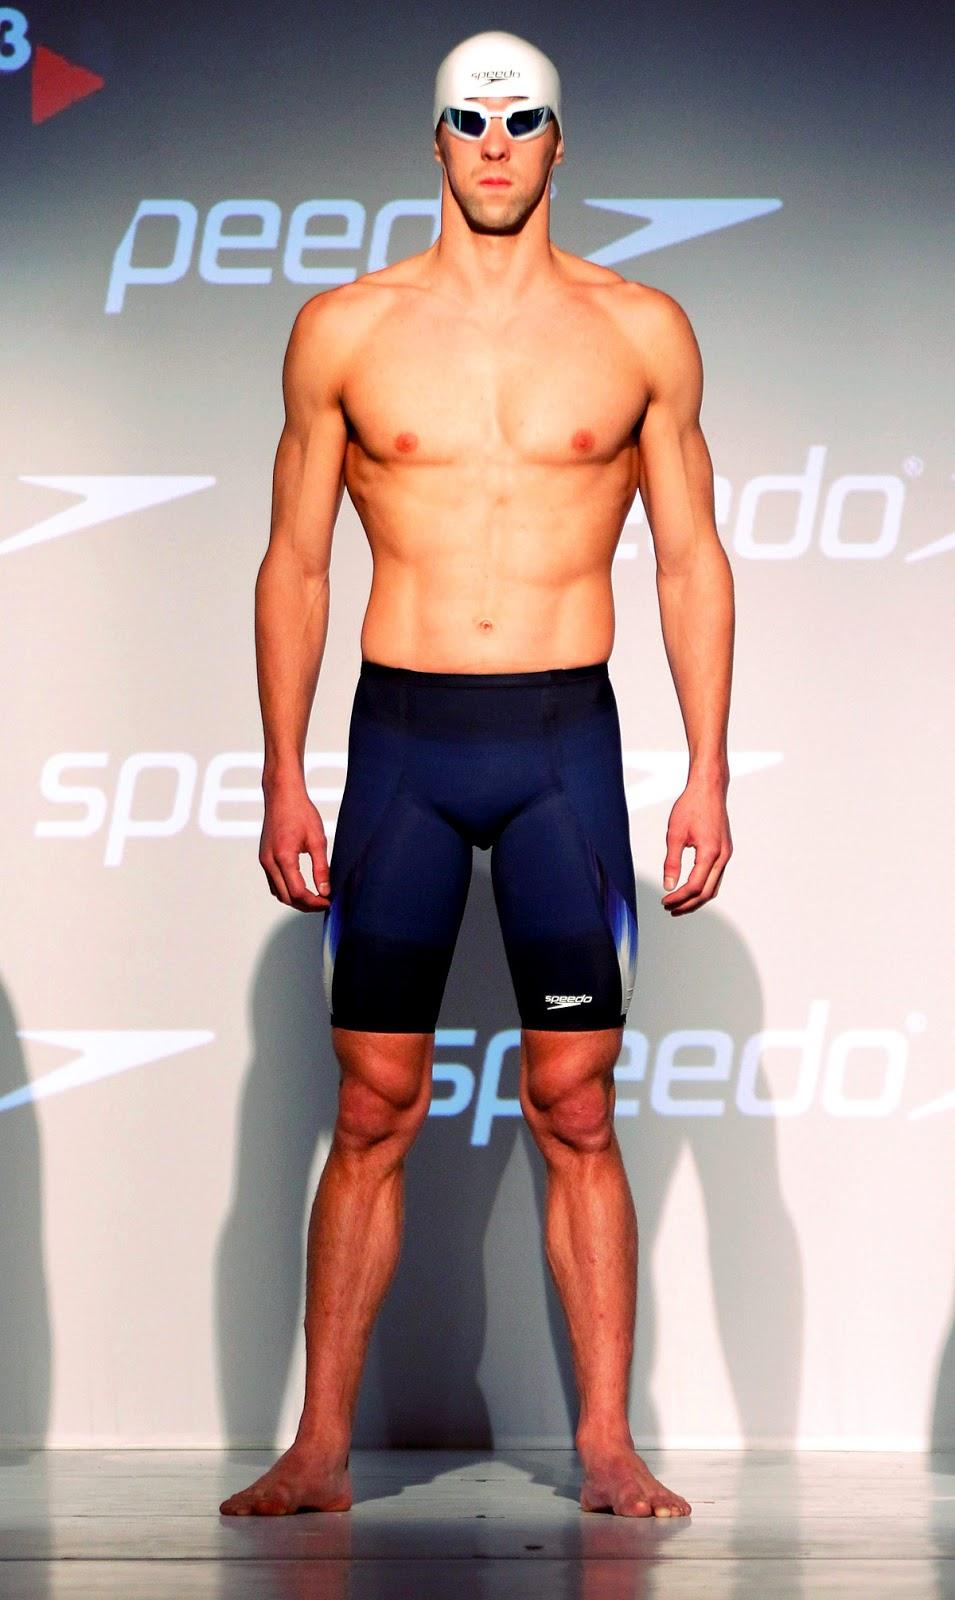 fc4dff5e8 para la natación se utiliza una pantaloneta en licra , unas gafas y un  gorro el silicona . para este deporte los profesionales mantienen depilados  para ...